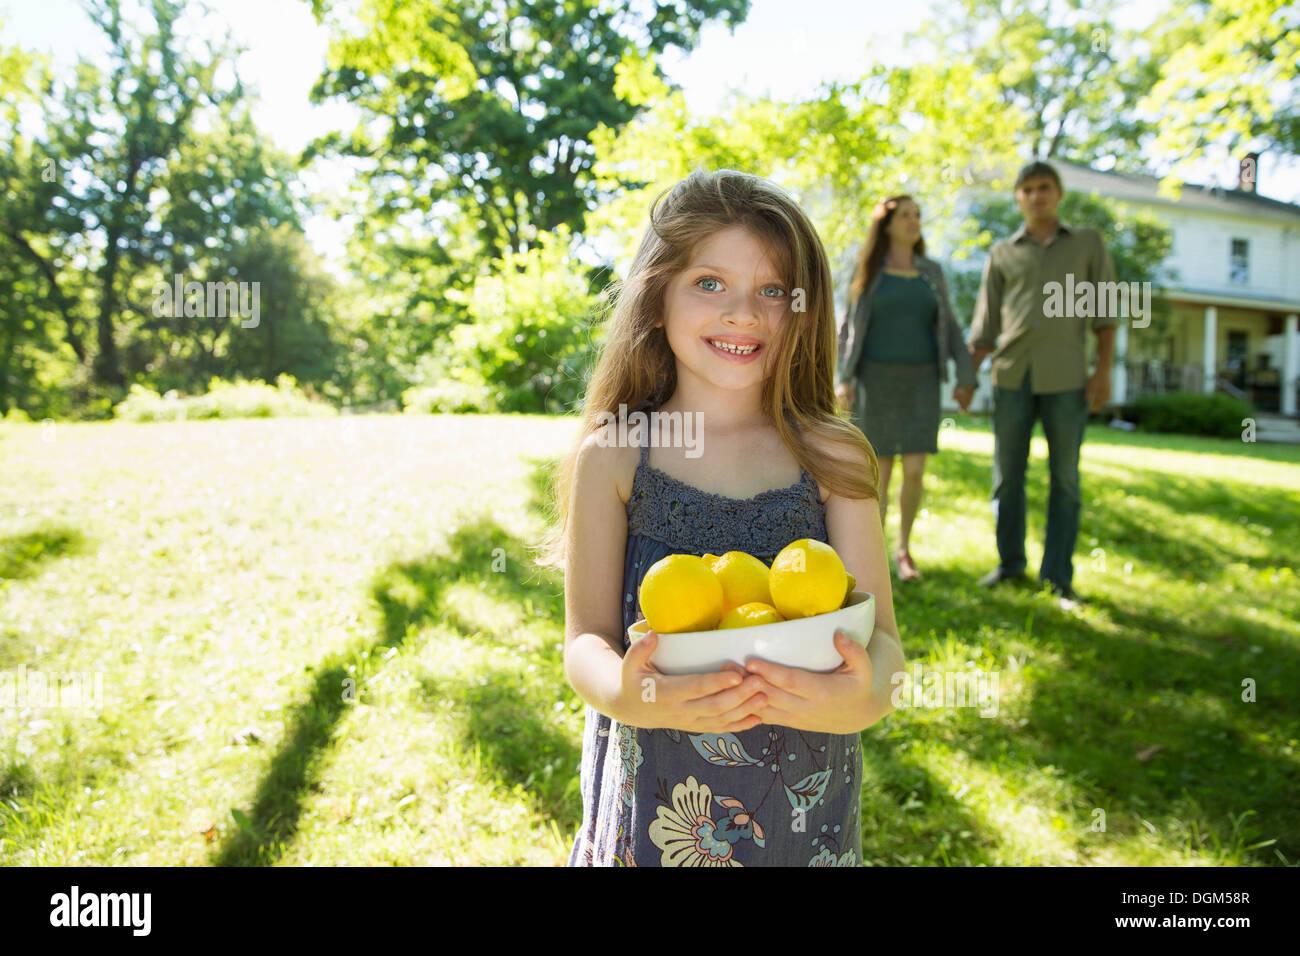 Bauernhof. Kinder und Erwachsene gemeinsam. Ein Mädchen mit einer Kiste von Zitronen, frisches Obst. Zwei Erwachsene im Hintergrund. Stockbild